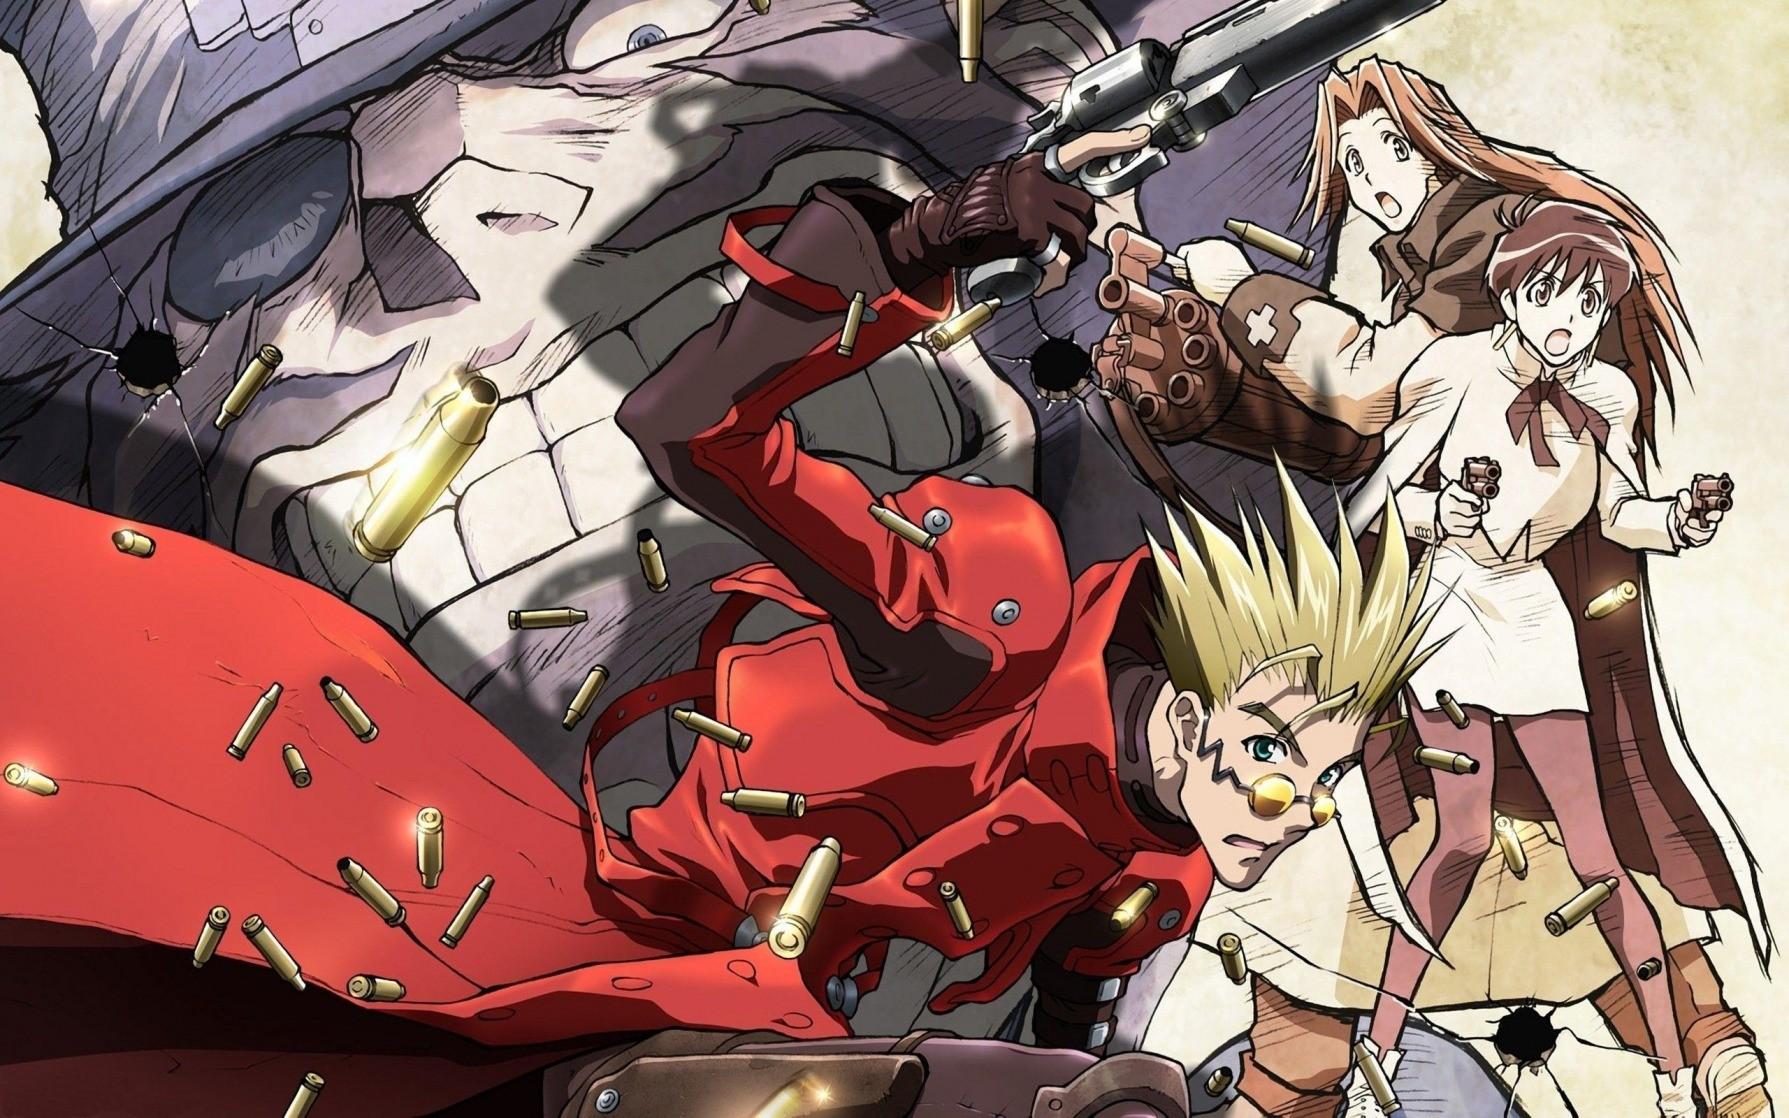 Trigun - animes que fizeram história nos anos 90